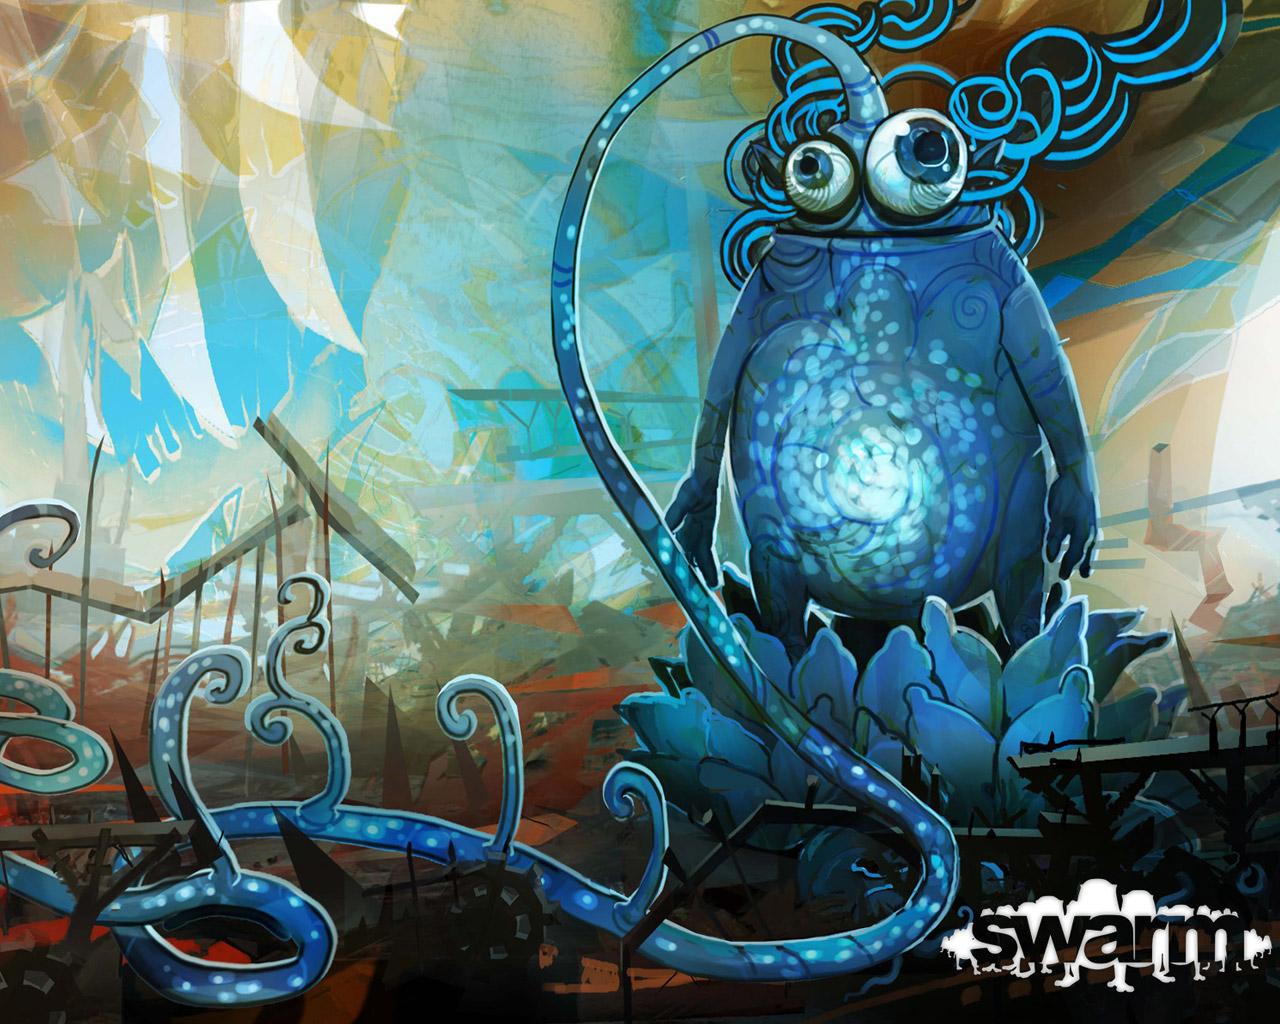 Swarm Wallpaper in 1280x1024